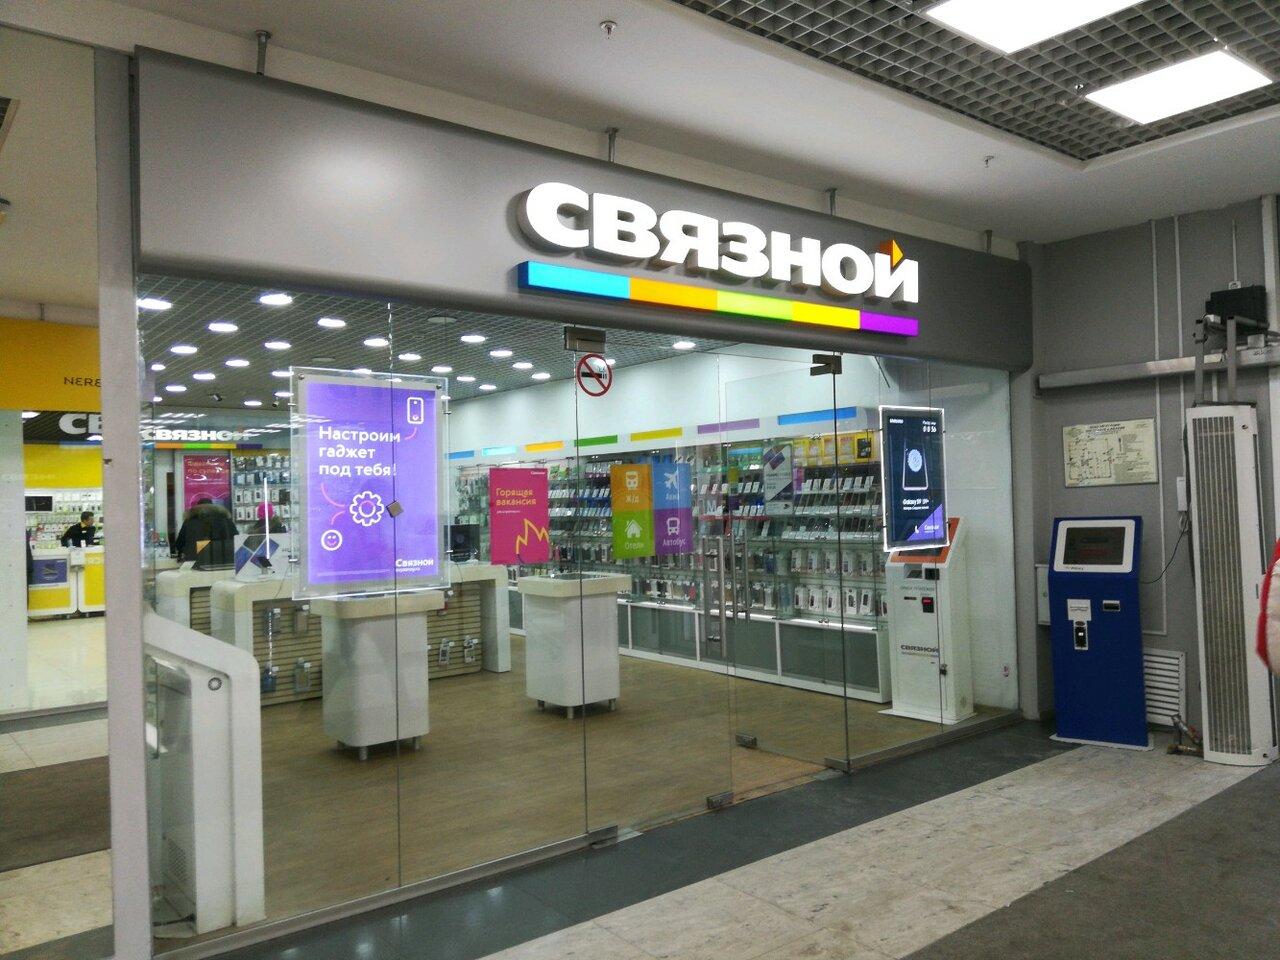 фотографии картинка связного магазина ней можно